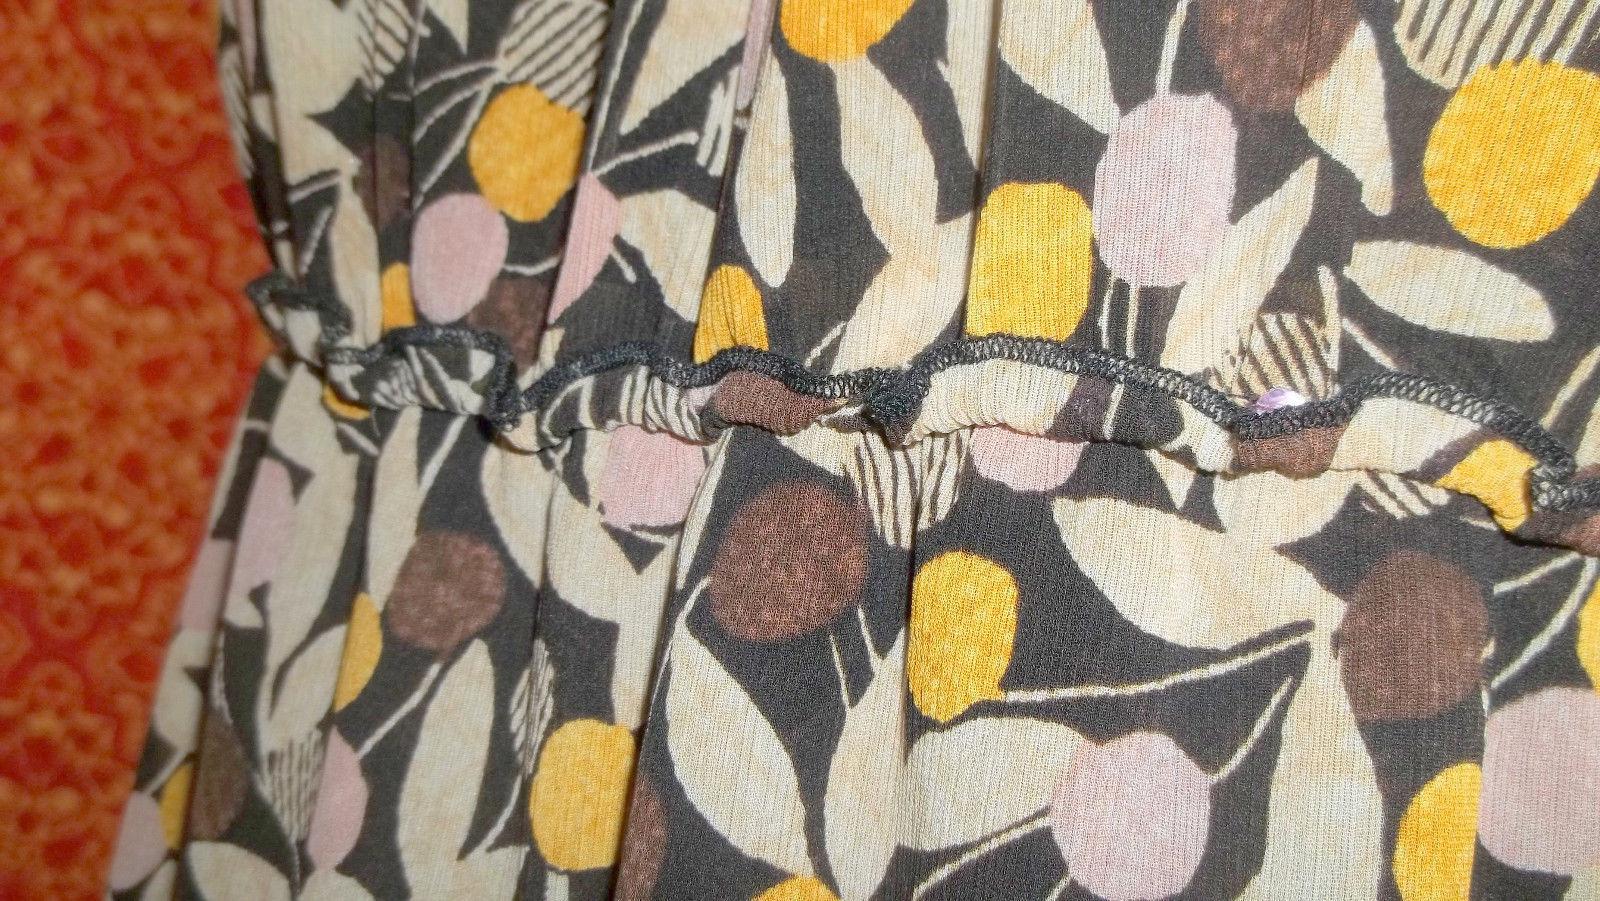 I.E. PETITE brown abstract  silk spaghetti strap blouse PM (T22-01C8G)